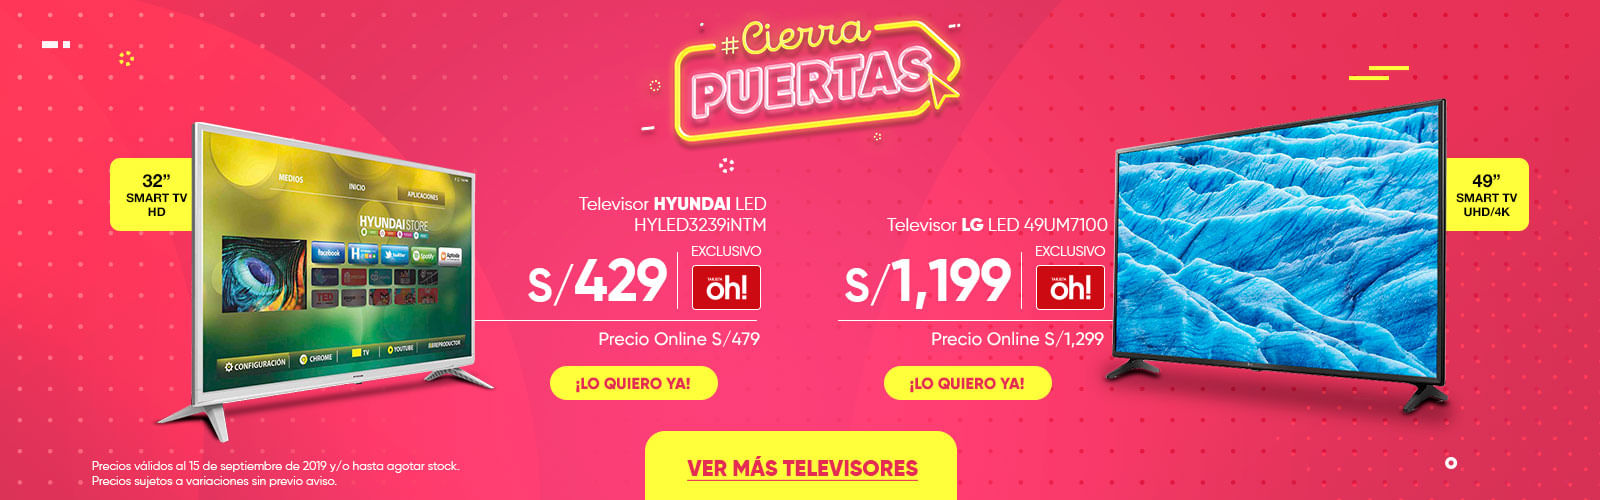 Televisor LG LED 43LM6300 HYUNDAI HYLED3239iNTM